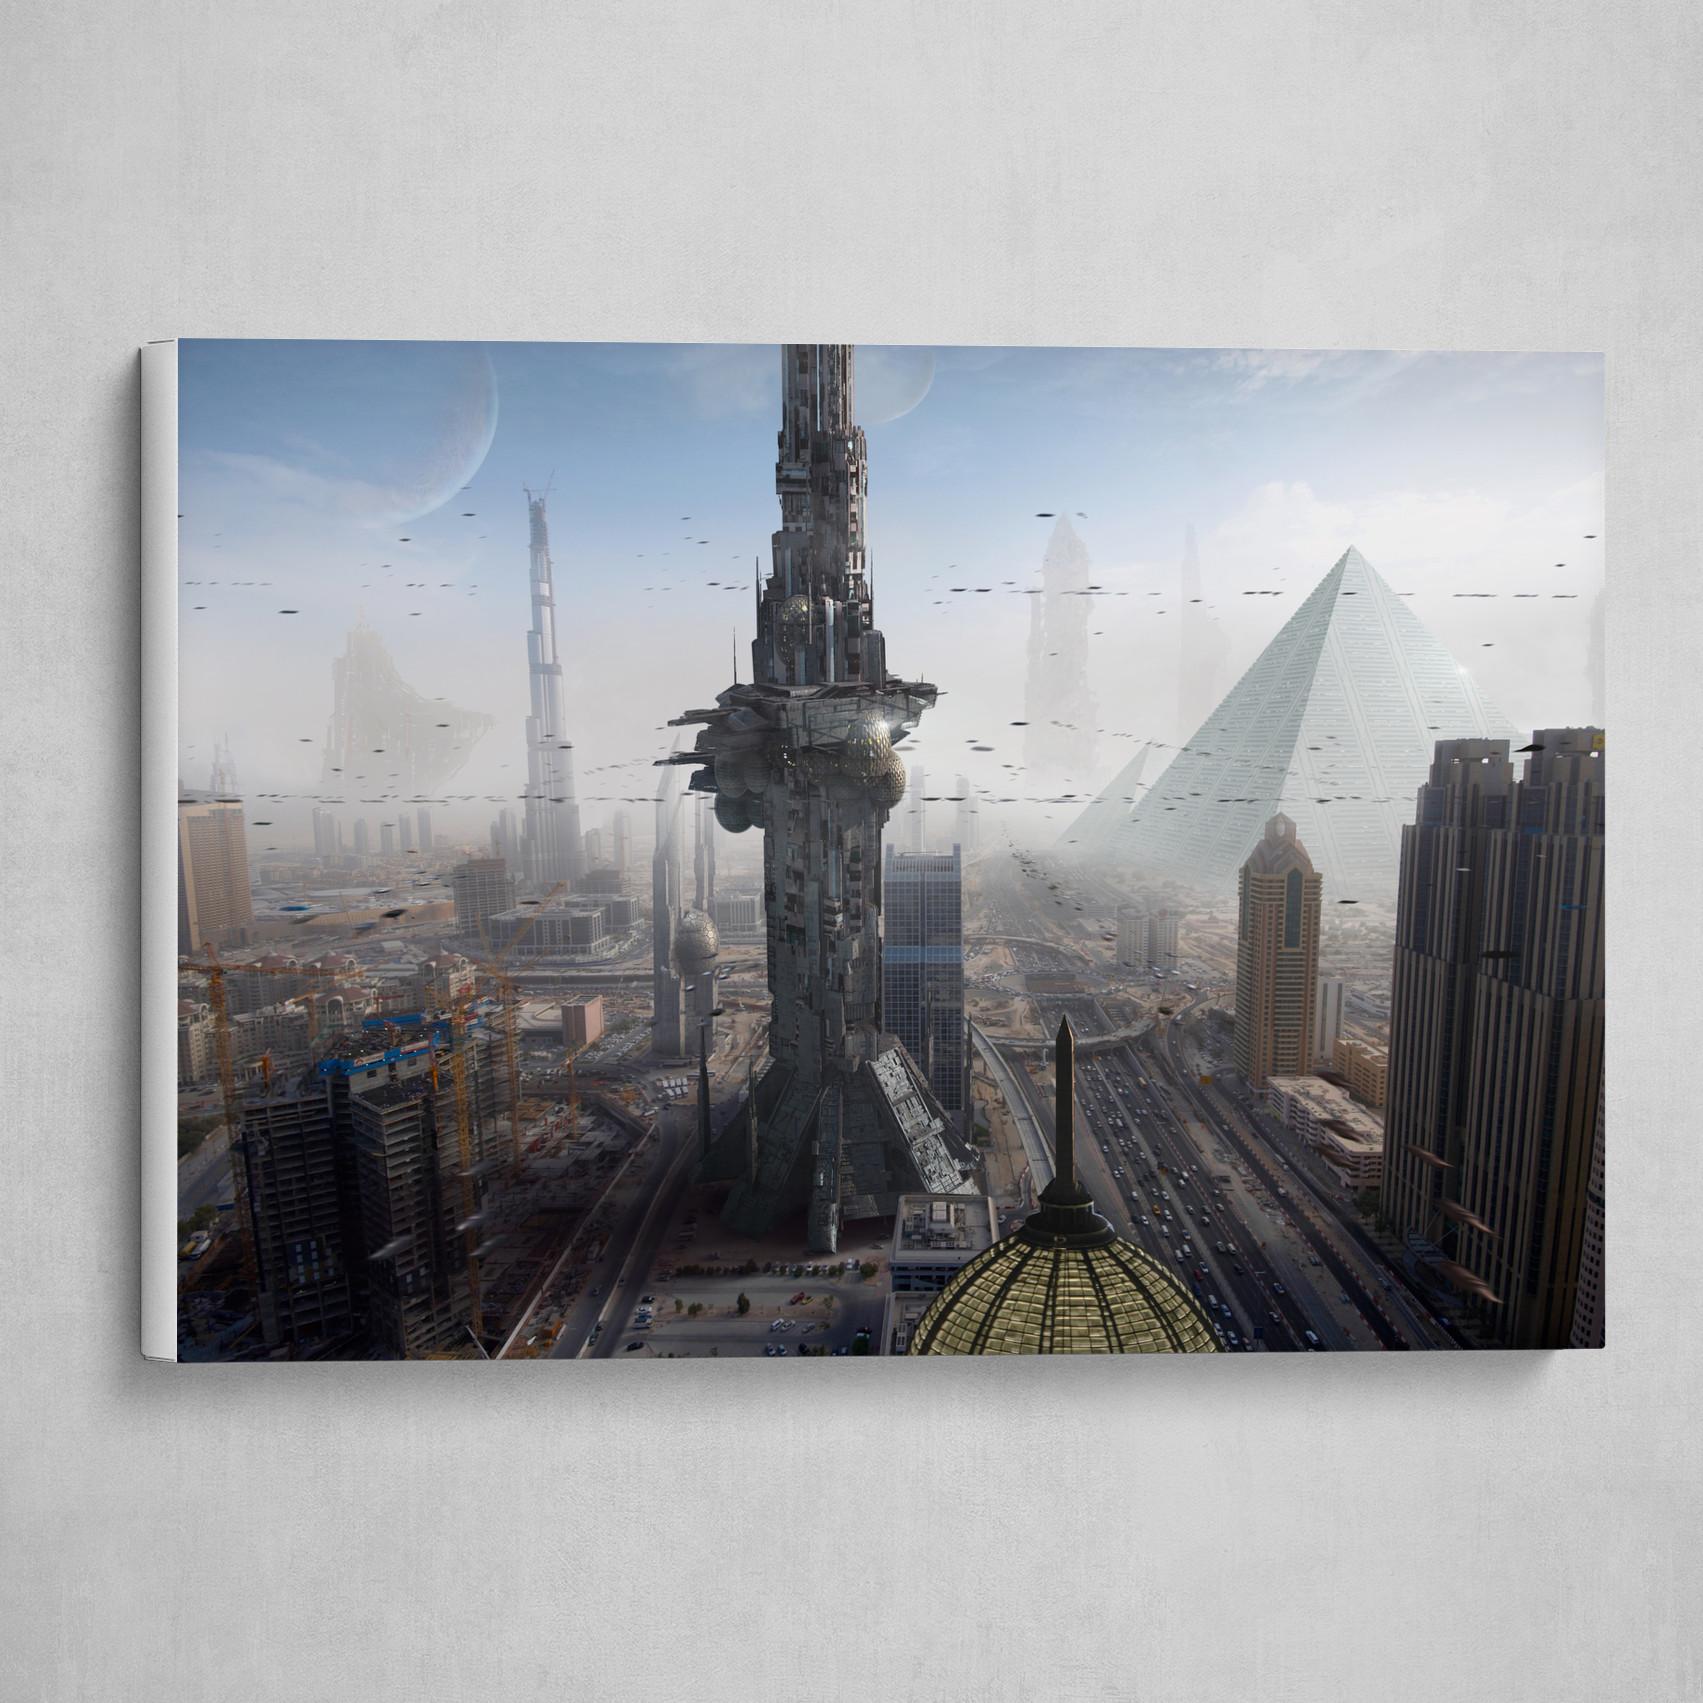 Sci Fi City